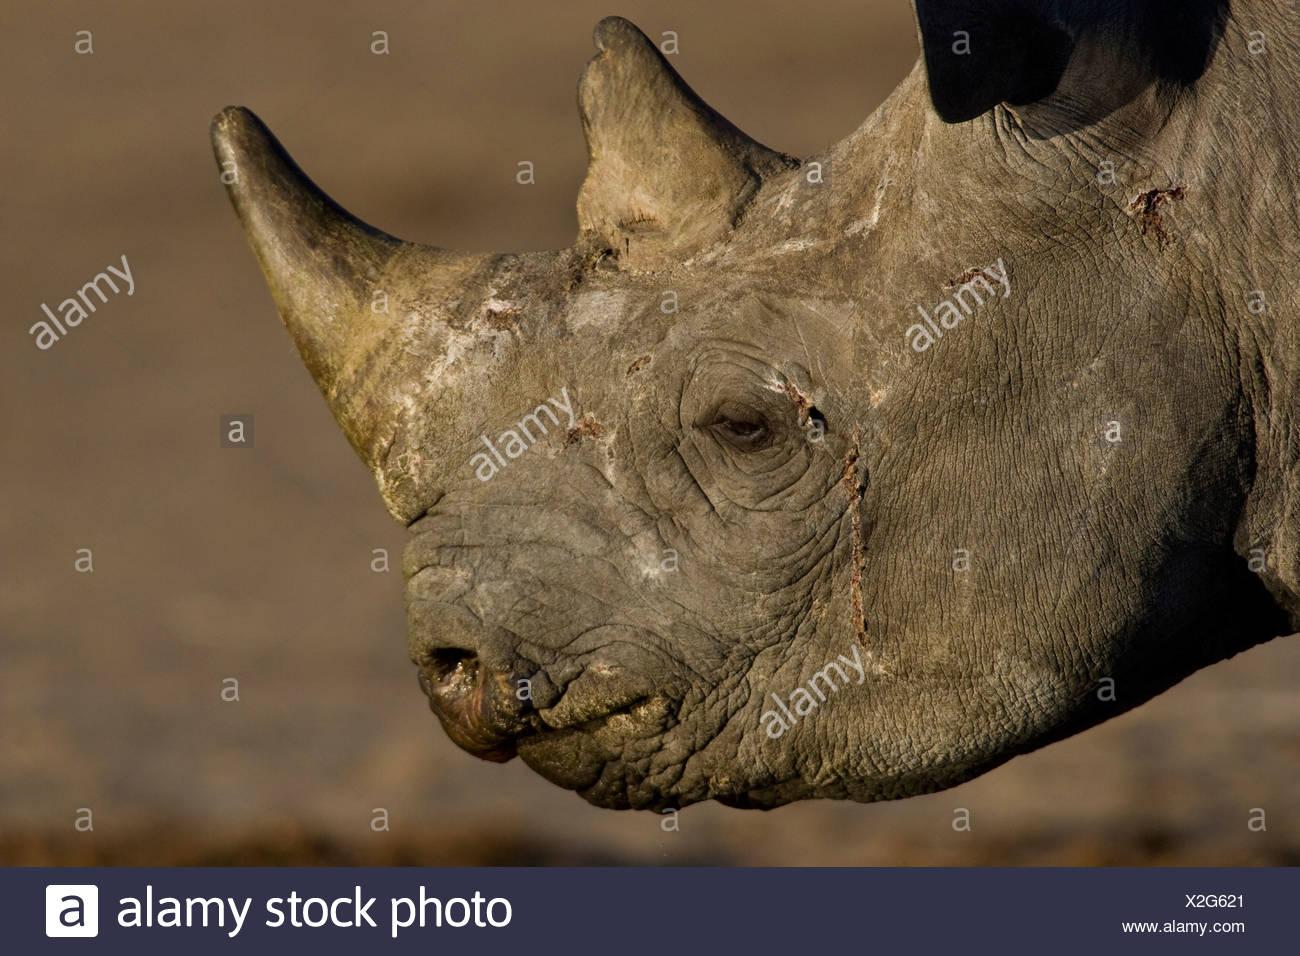 Black Rhino Portrait, Etosha National Park, Namibia. - Stock Image